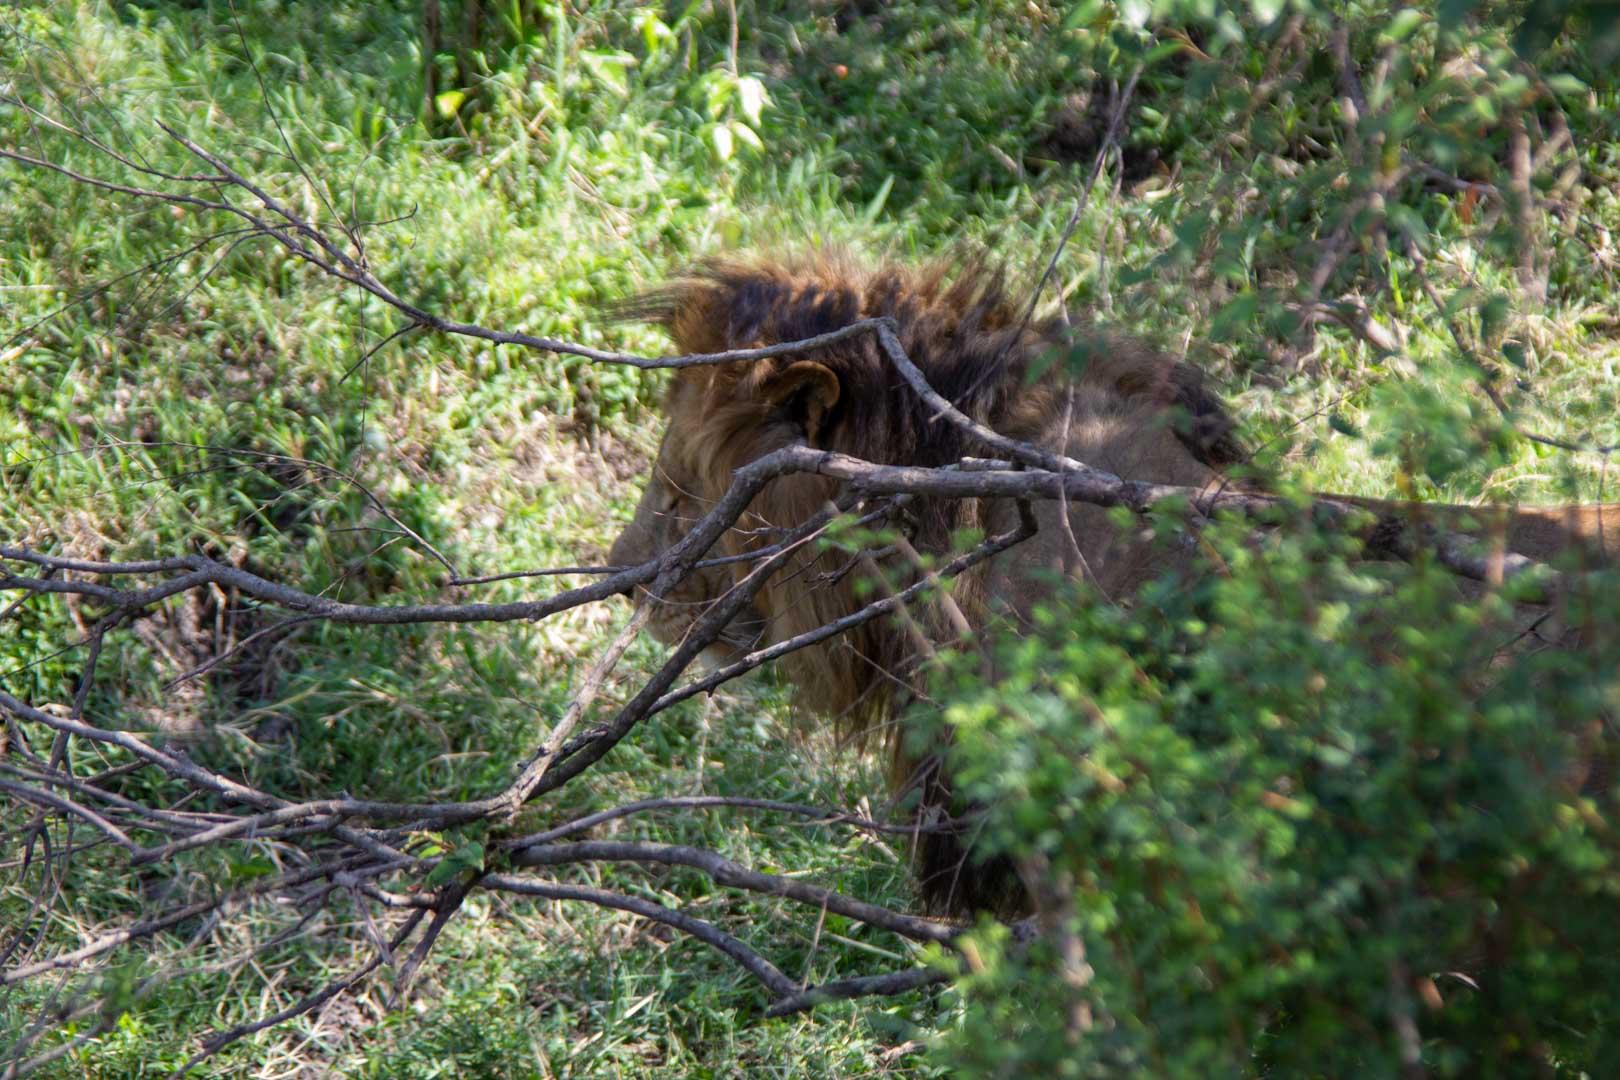 León entre los arbustos, Masai Mara, Kenia